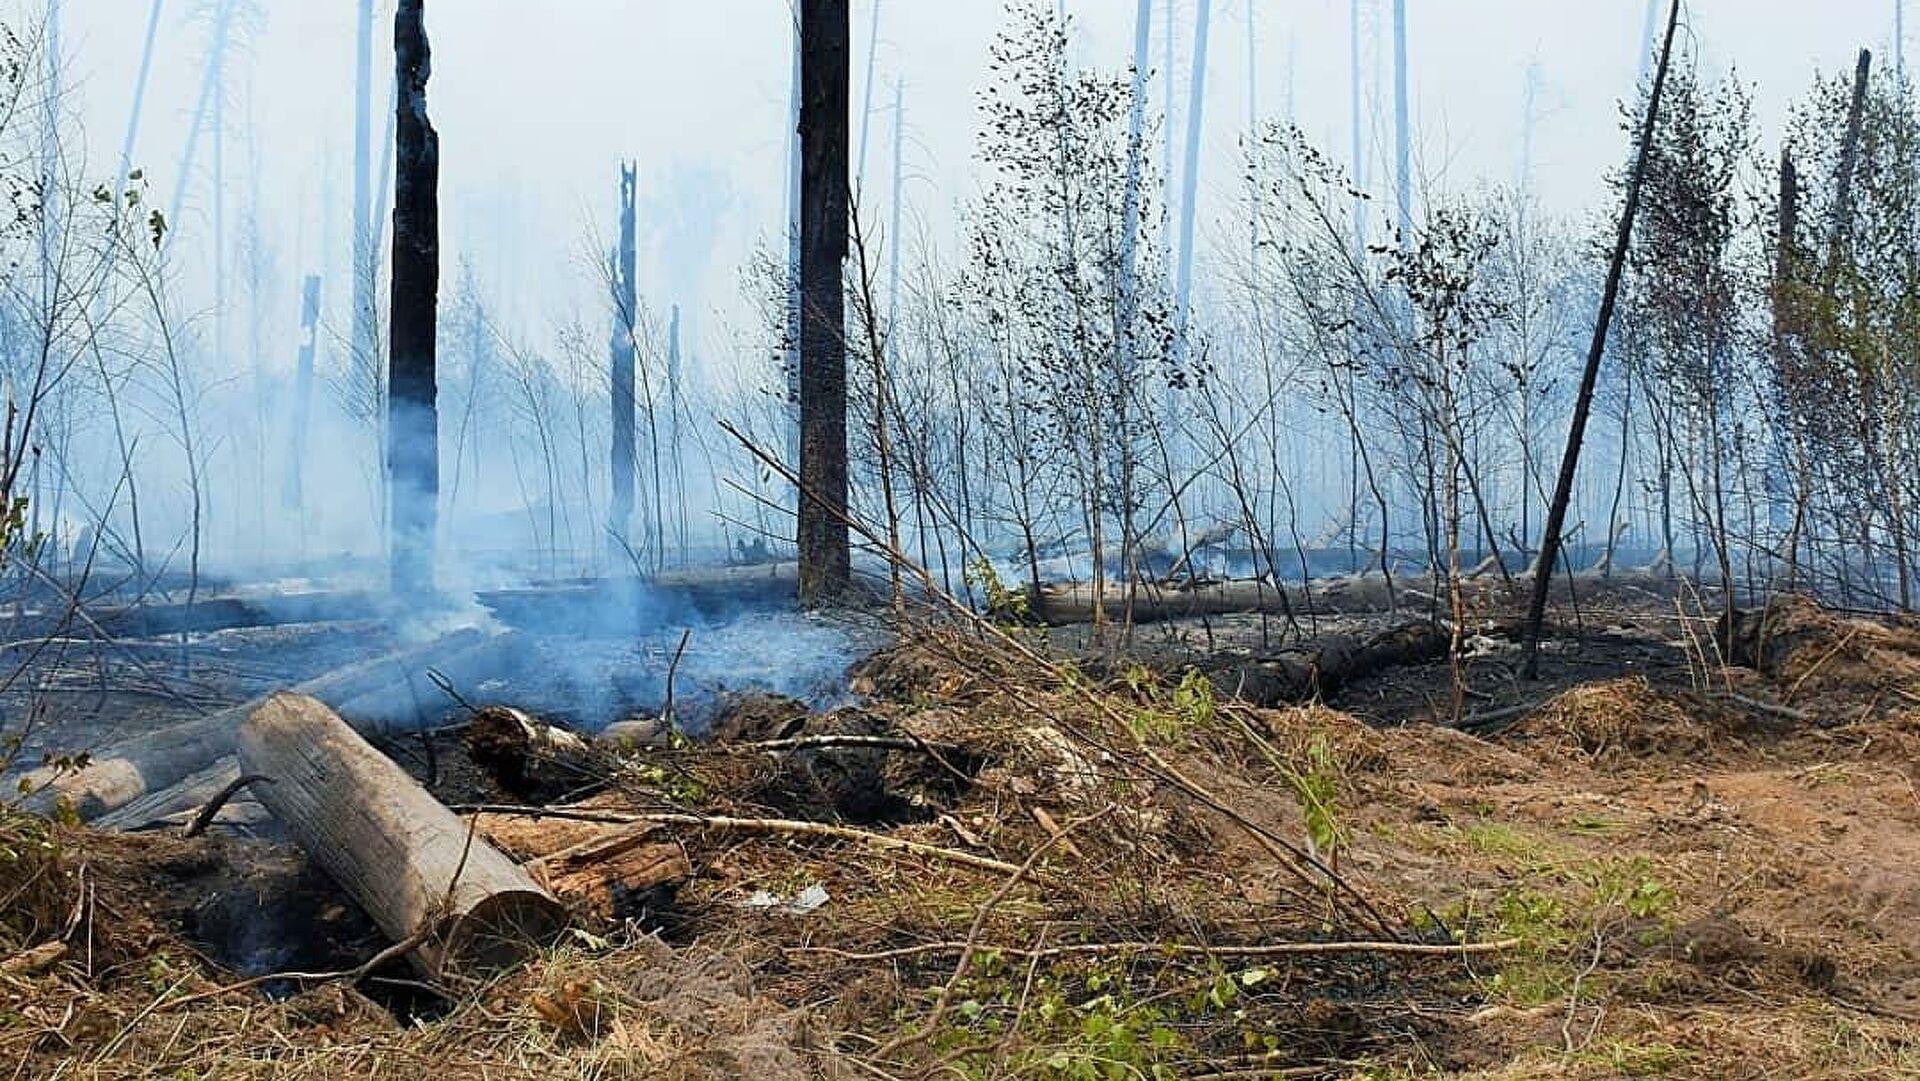 Пожар в Верховажском районе - один из самых крупных за последние годы